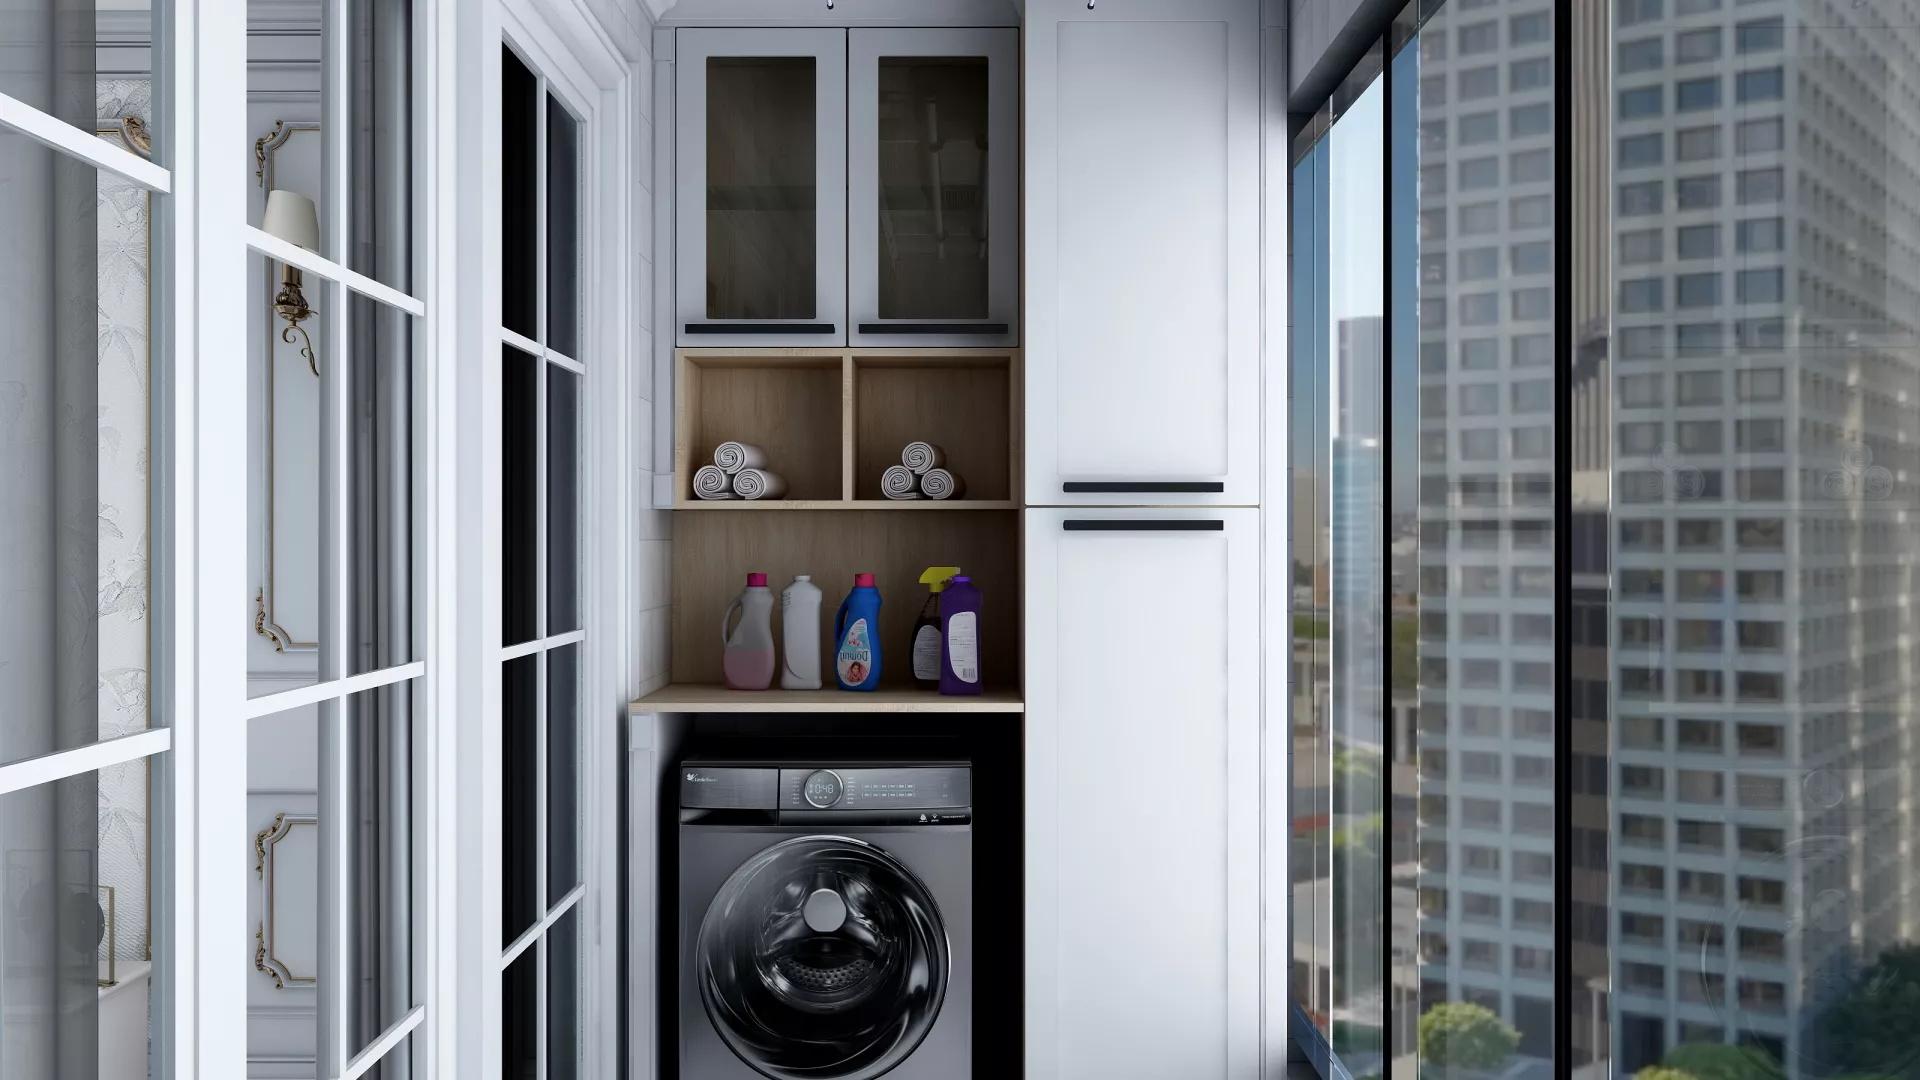 厨房水槽有哪些风水讲究 厨房风水知识